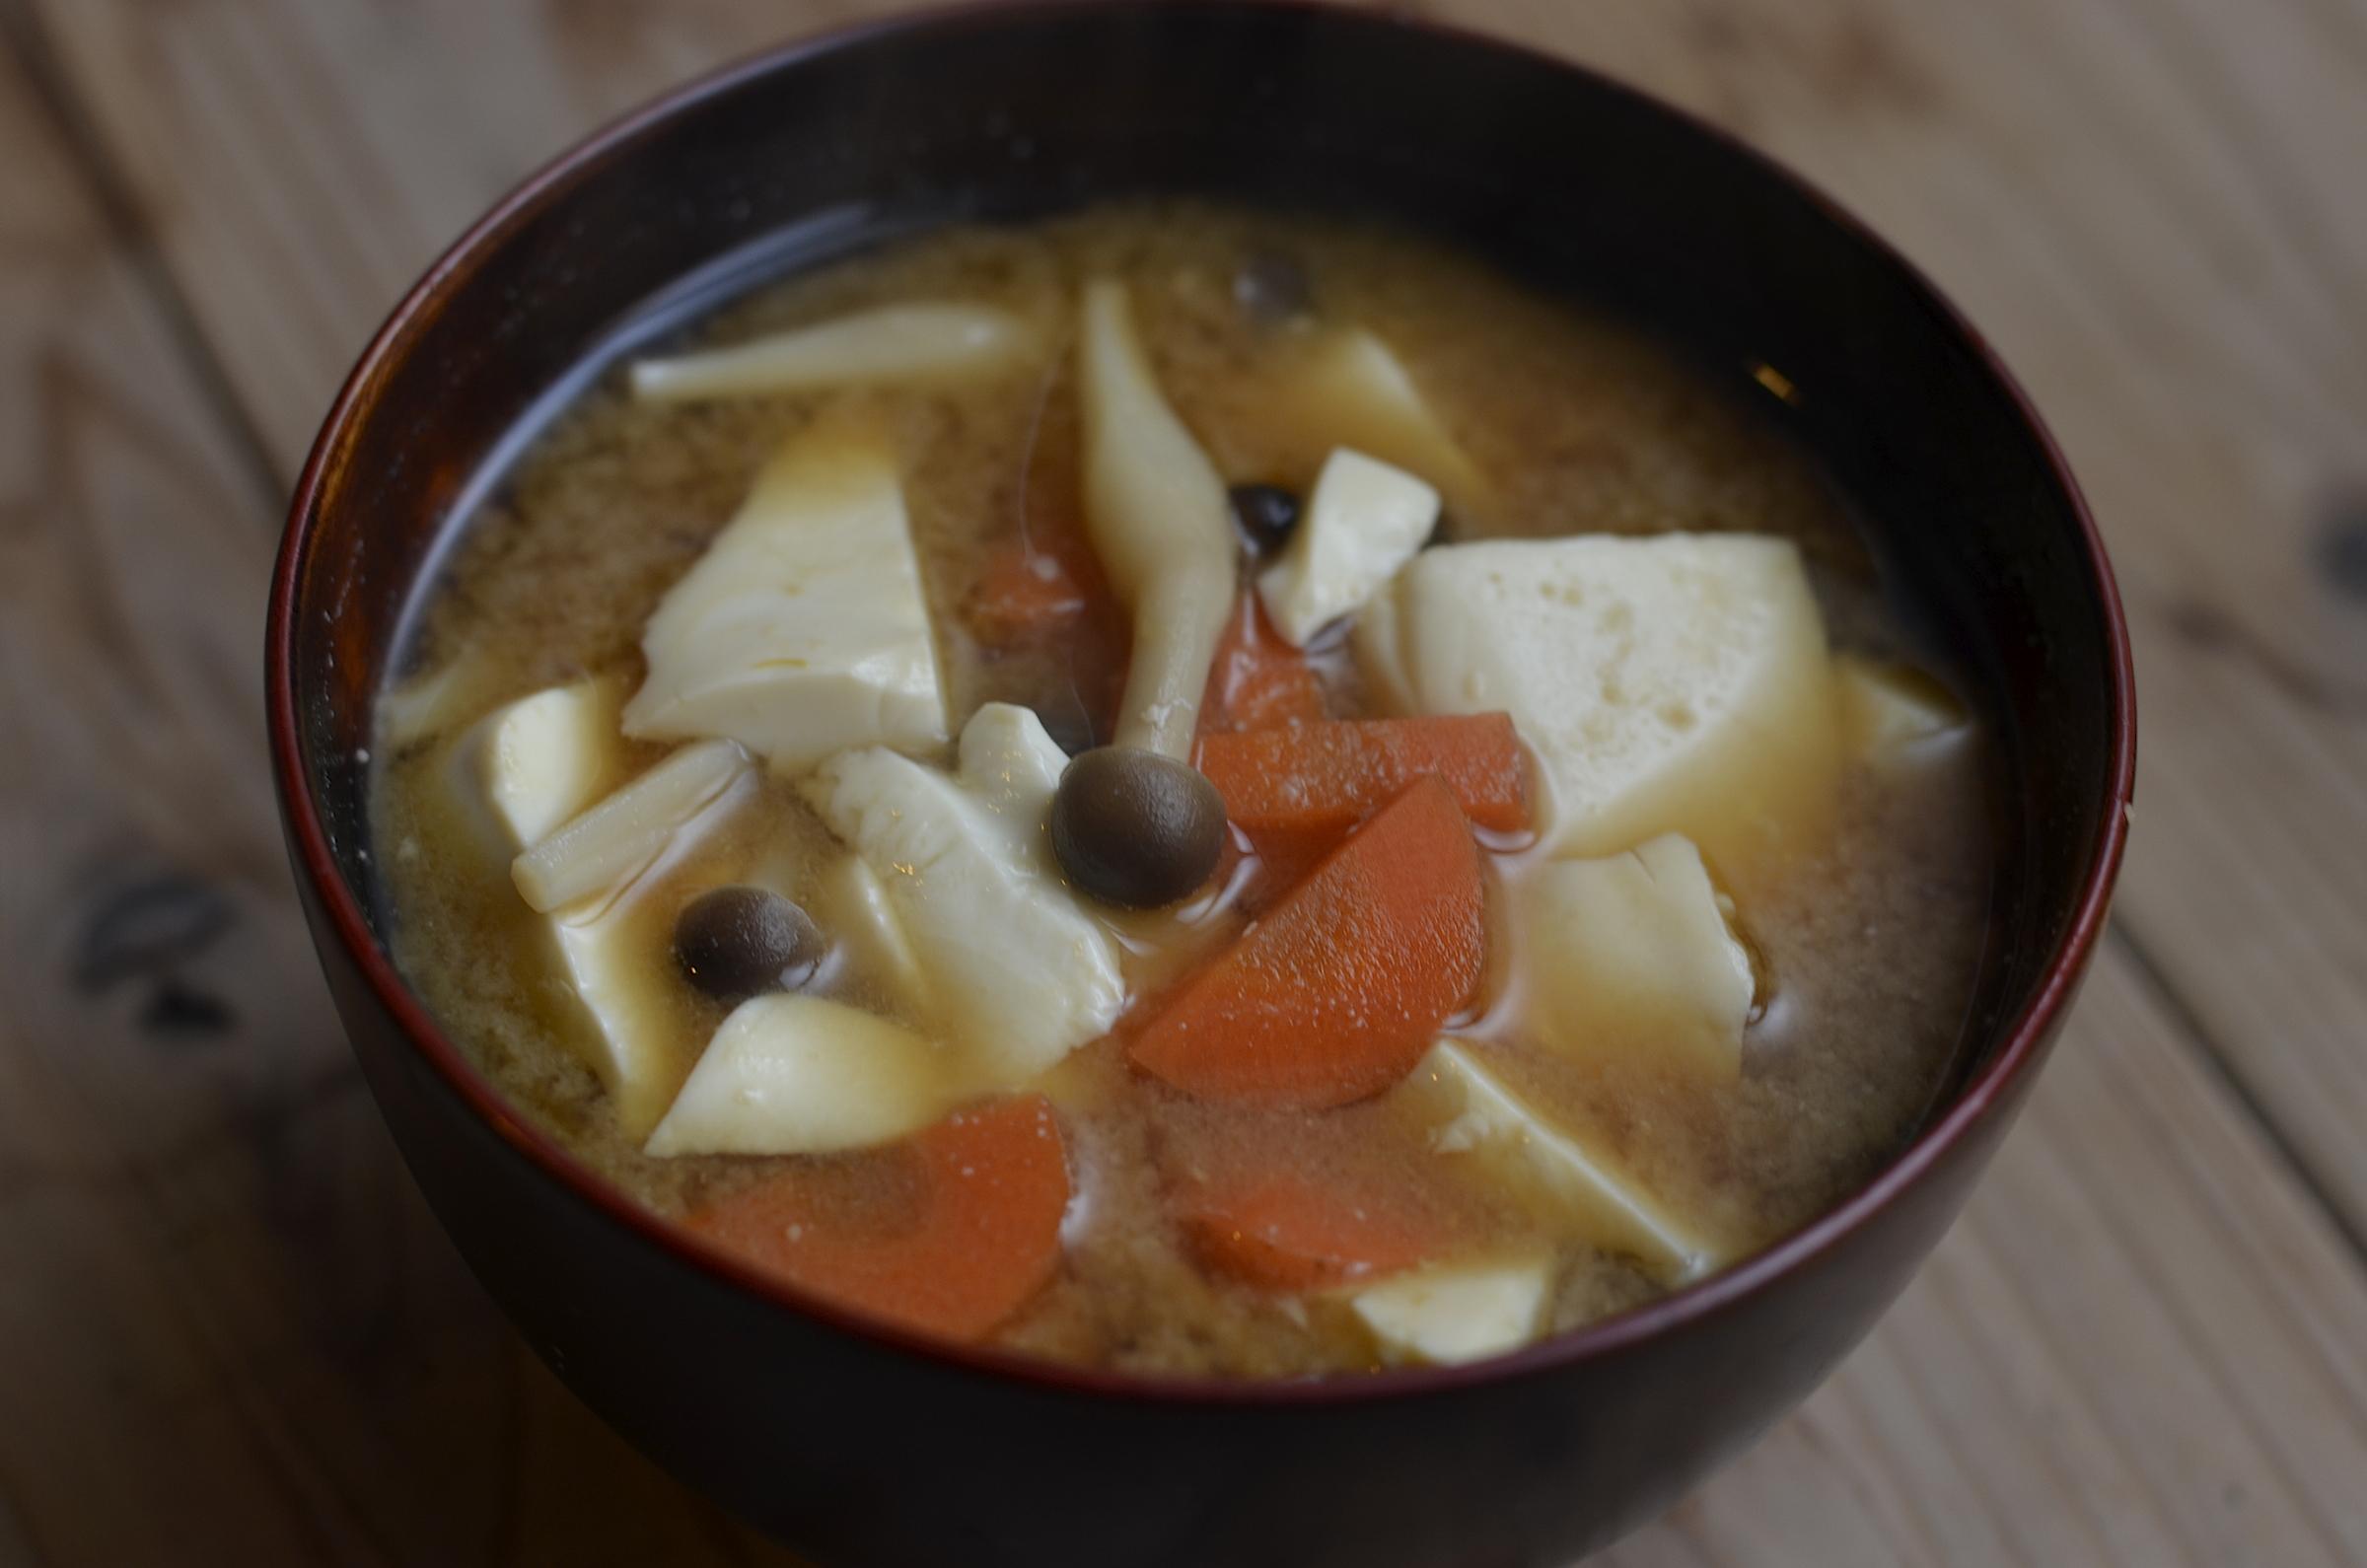 迷ったら入れてみよう!味噌汁に入れる具のおすすめ組み合わせ!のサムネイル画像